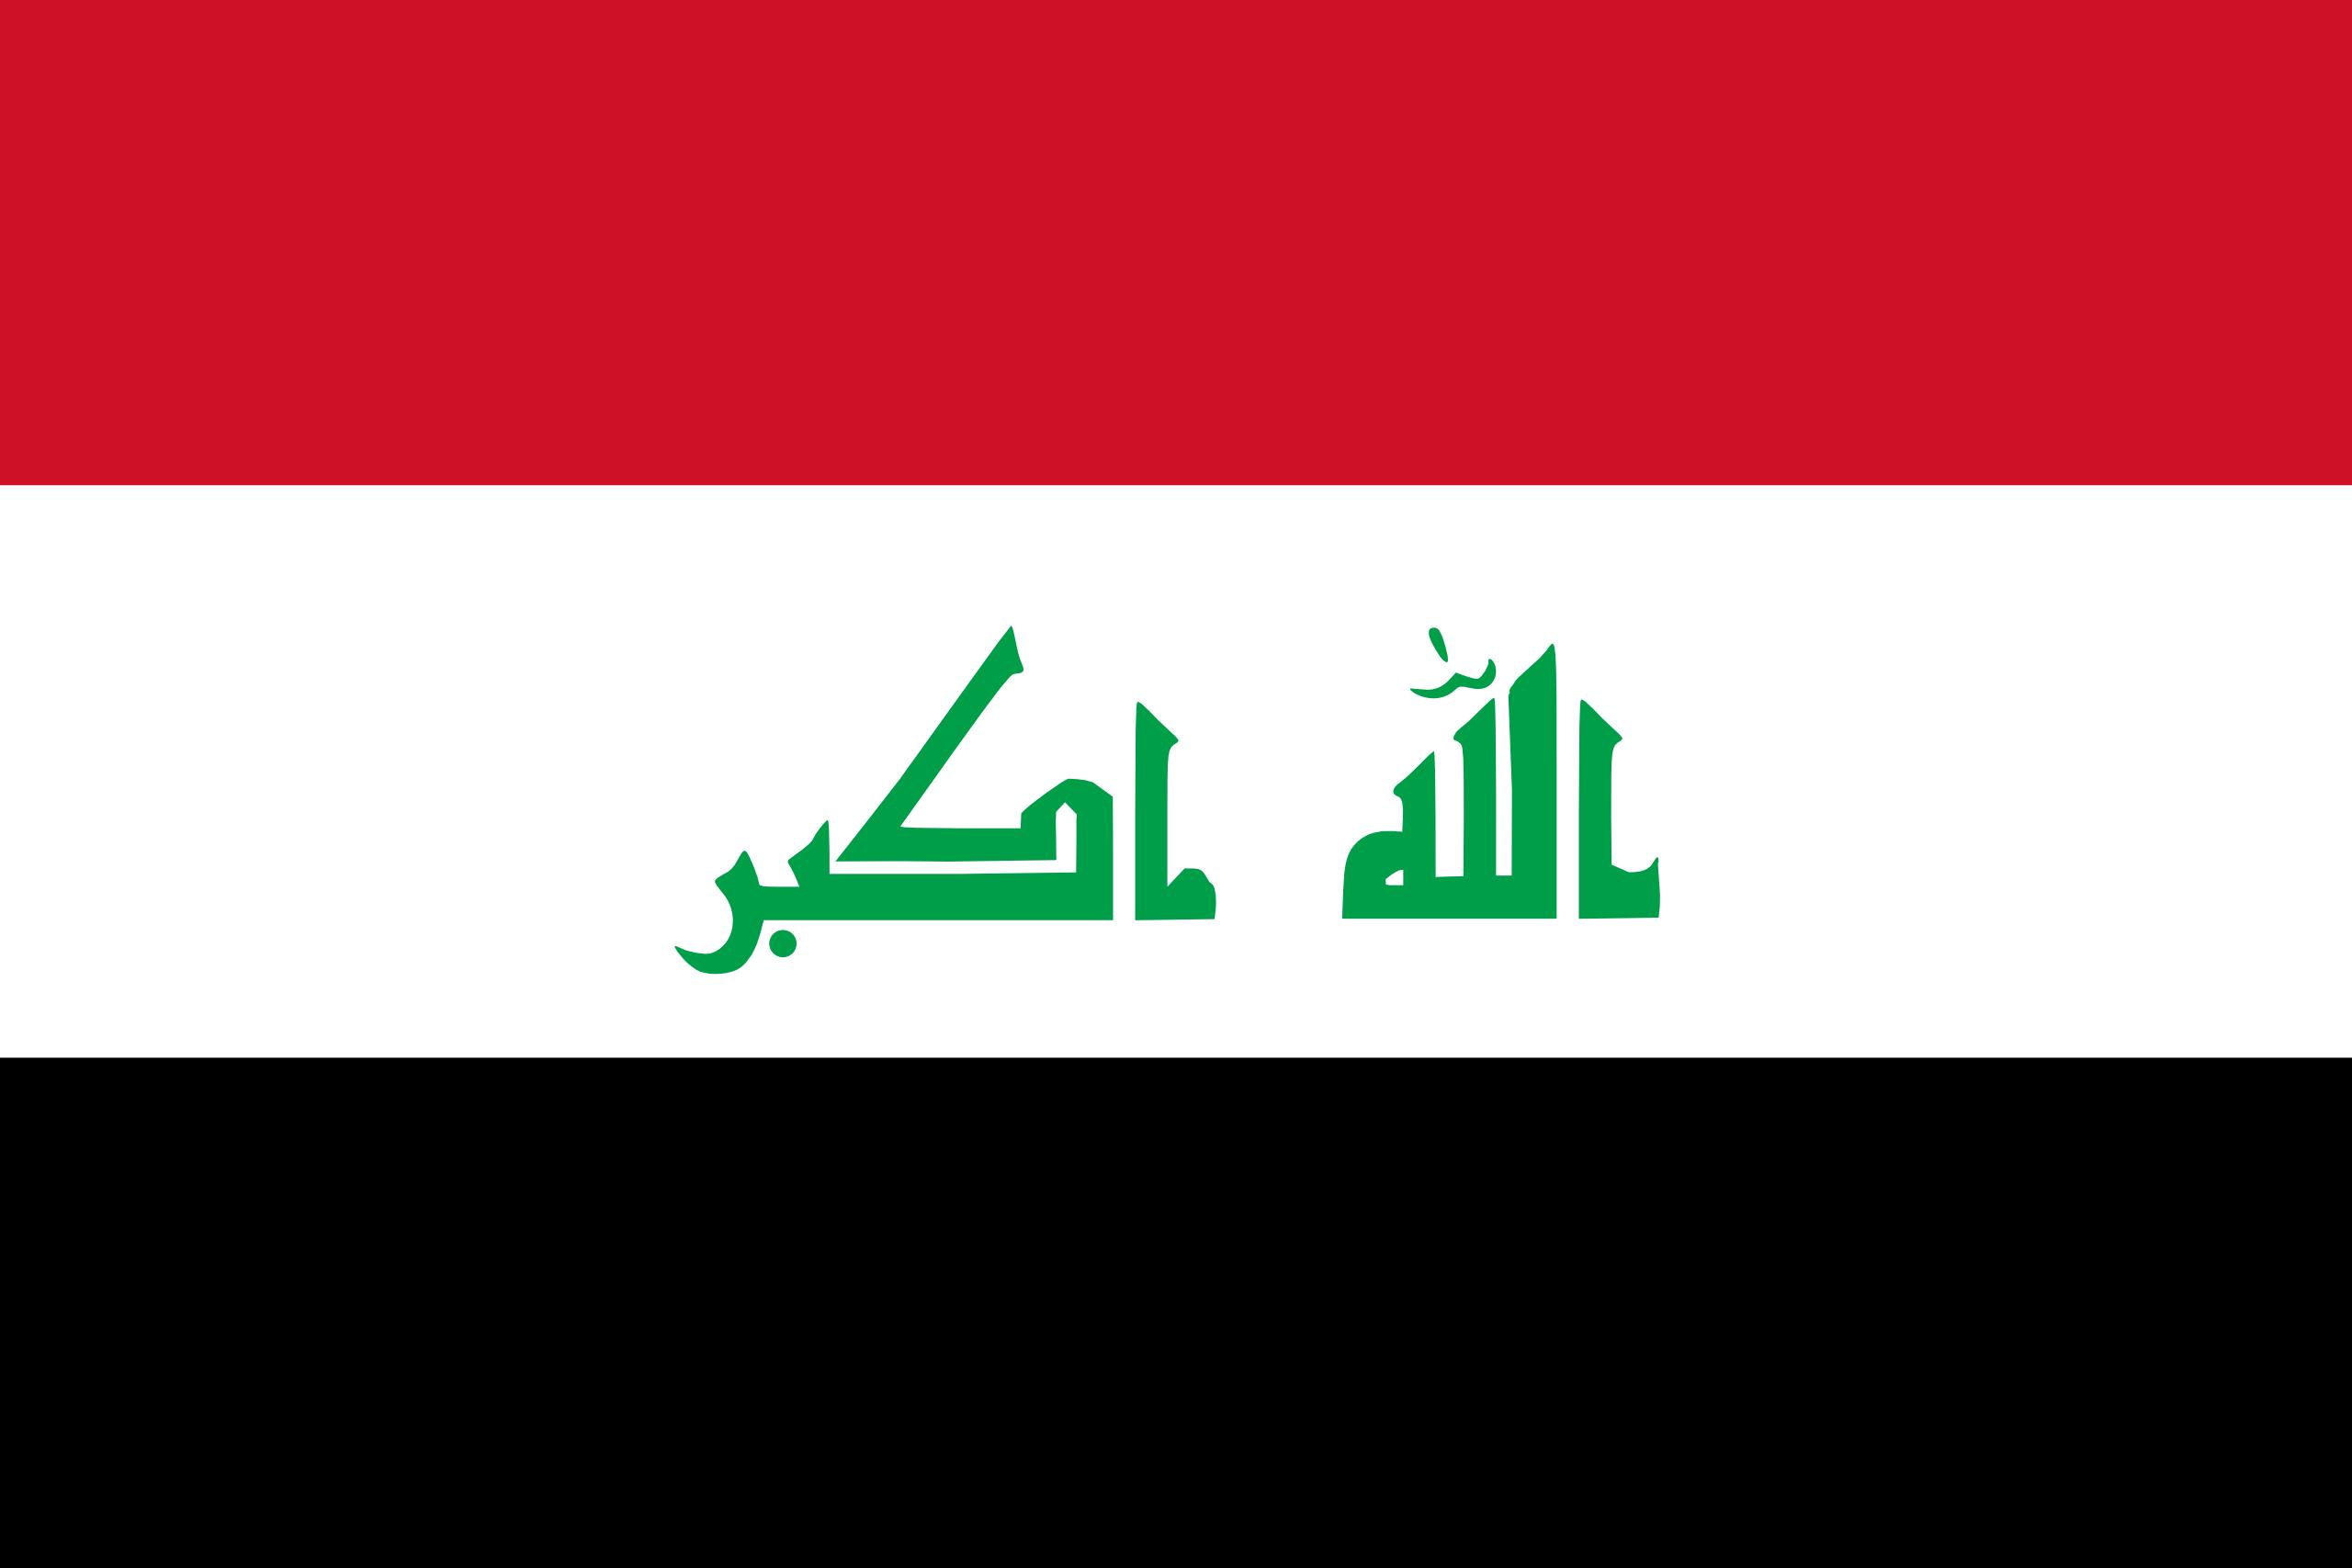 Irak, Land, Emblem, Logo, Symbol - Wallpaper HD - Prof.-falken.com